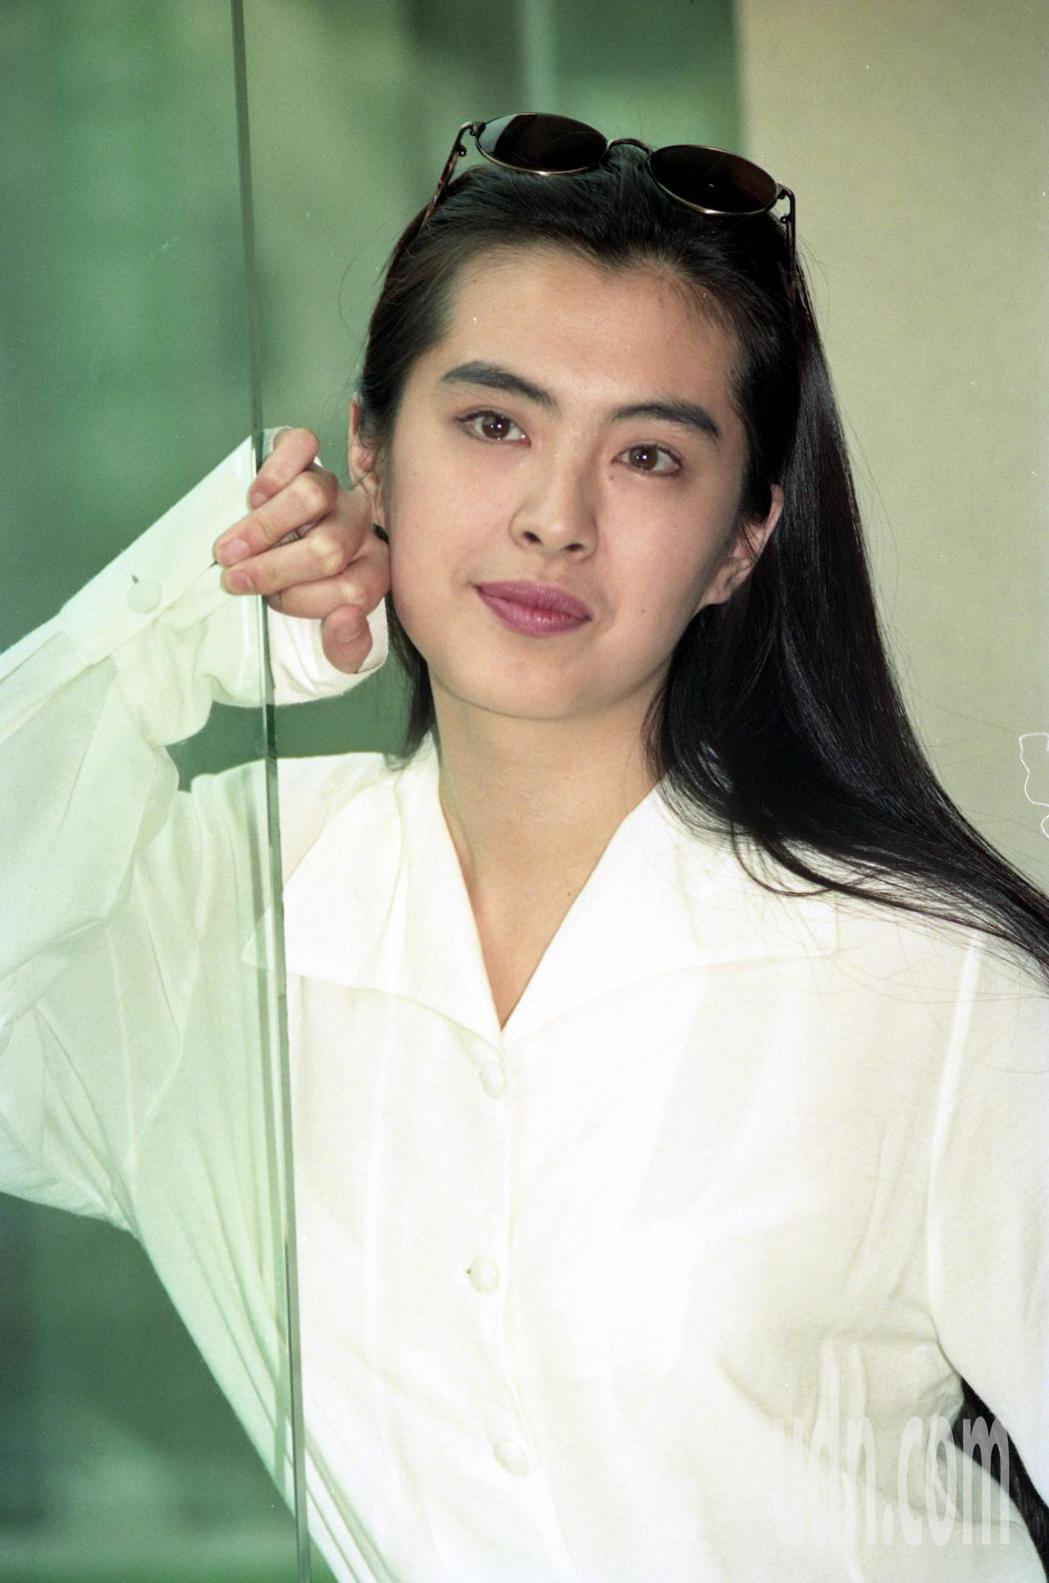 王祖賢怎麼打扮都很自然。圖/聯合報系資料照